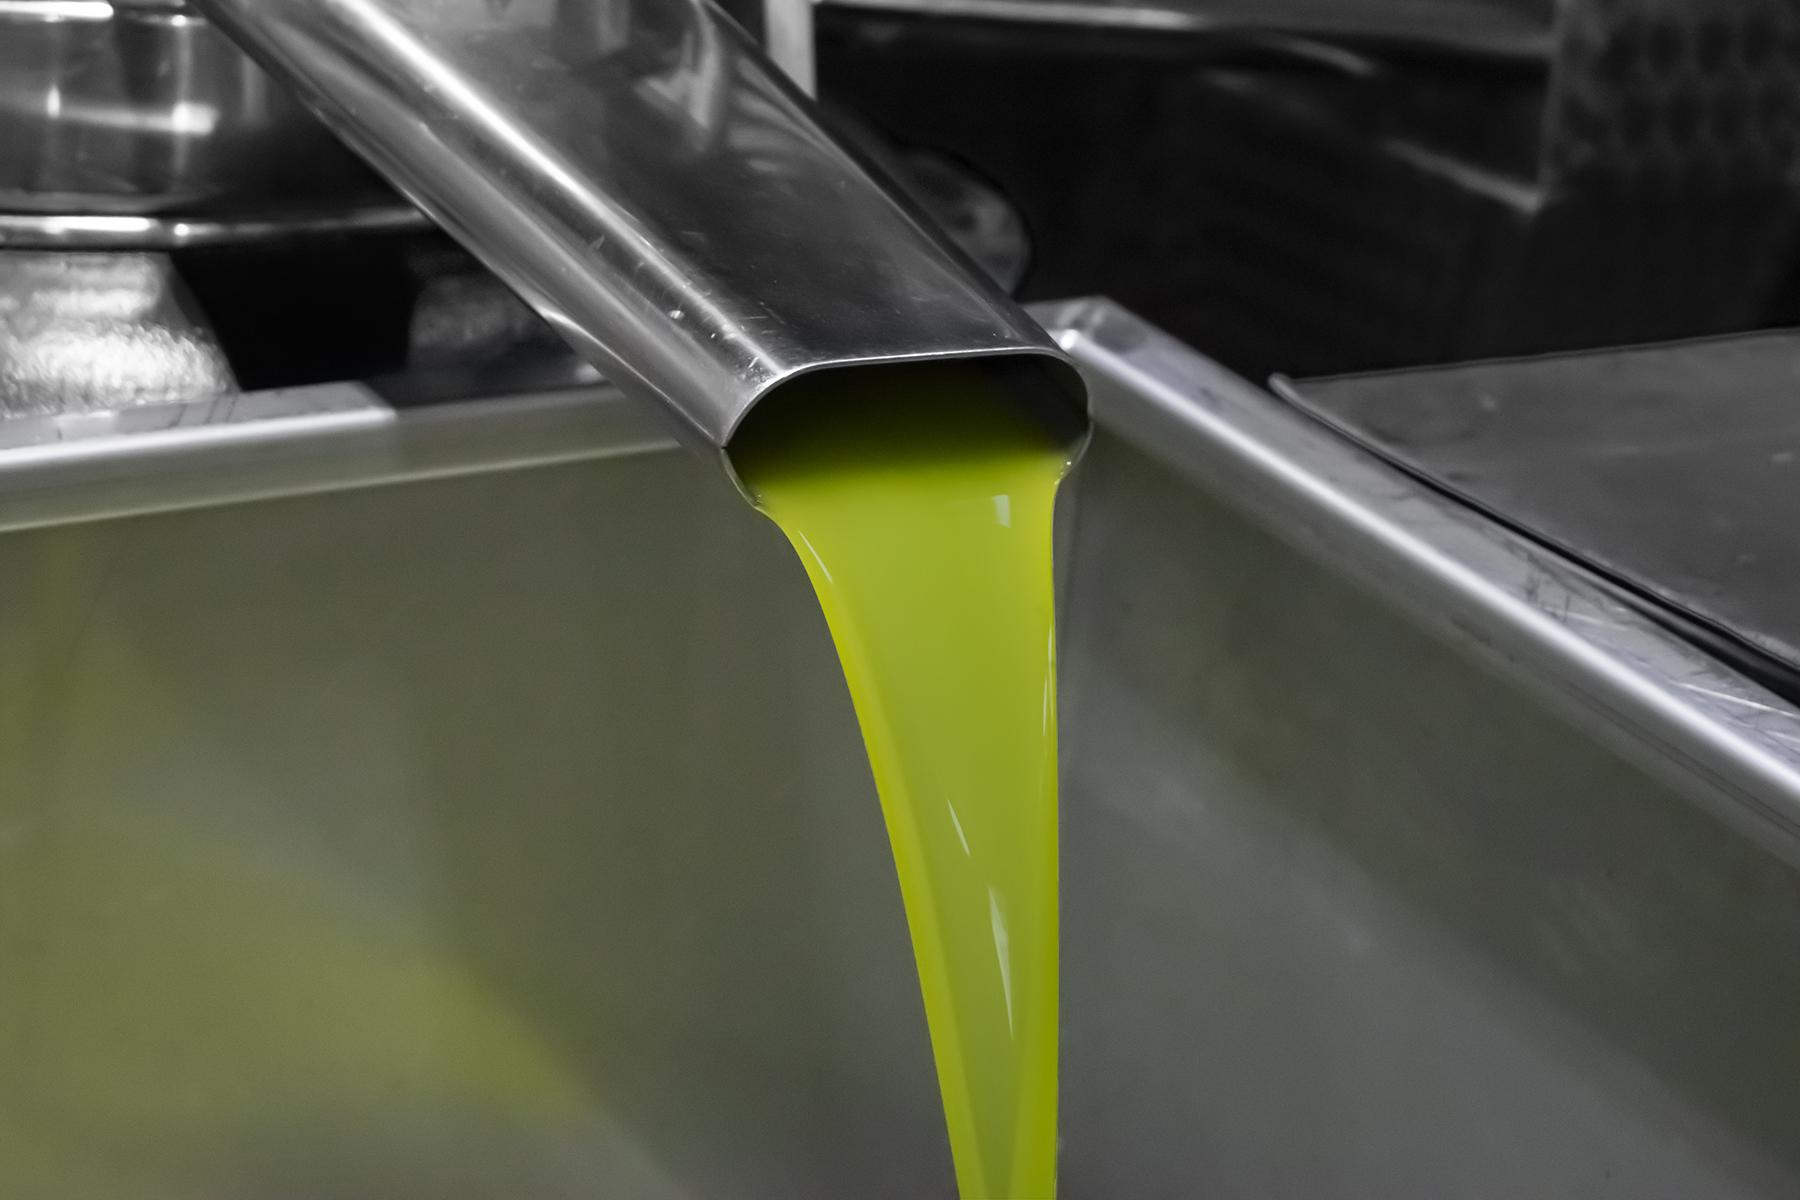 L'oli d'oliva verge extra Mas La Timba és un producte 100% natural